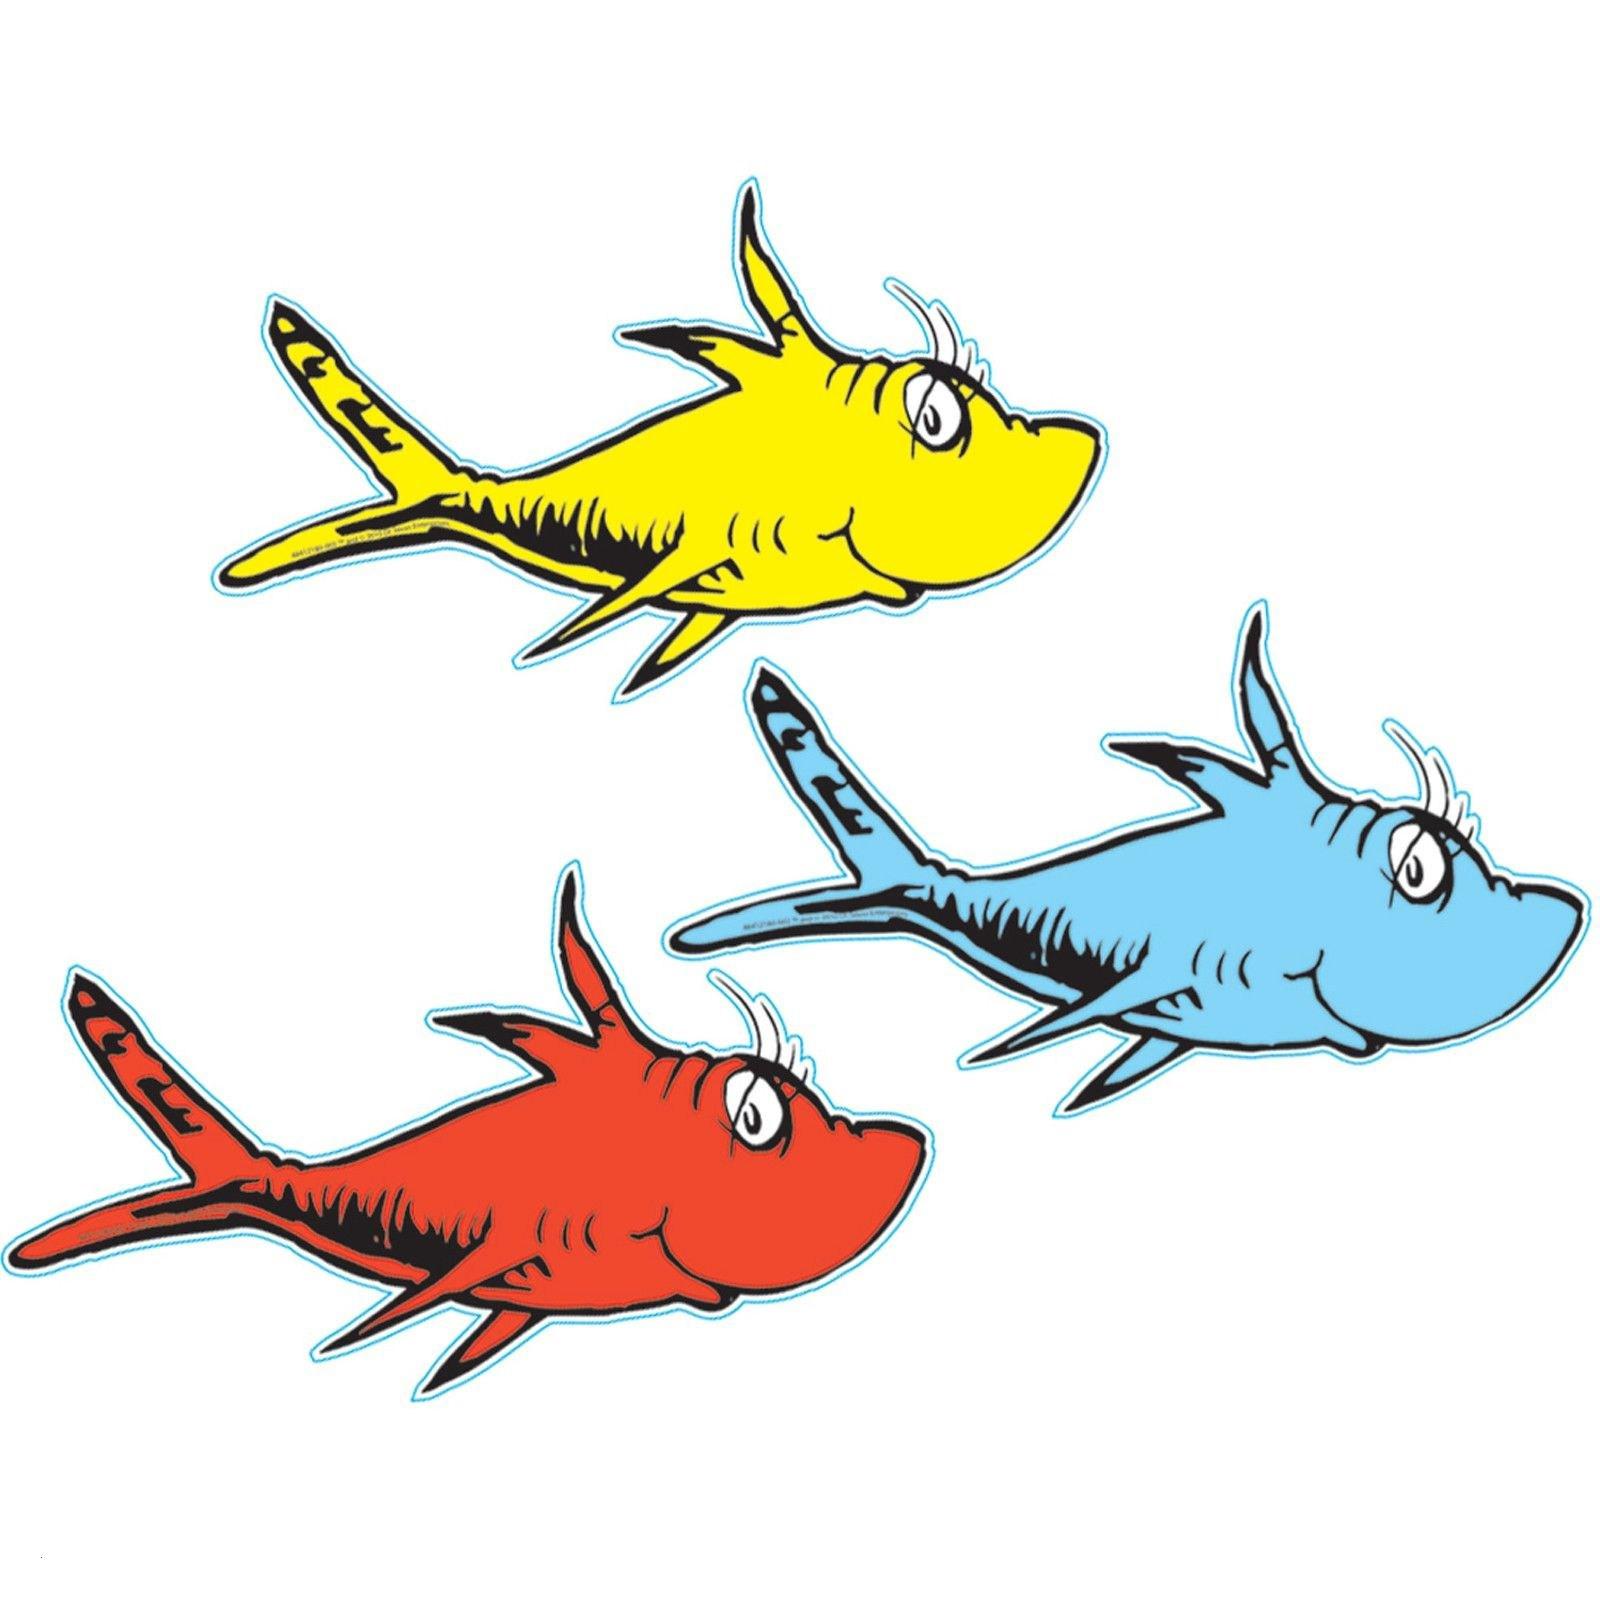 Fische Bilder Zum Ausdrucken Genial Malvorlagen Fische Zum Ausdrucken Luxus 32 Ausmalbilder Delfine Bilder